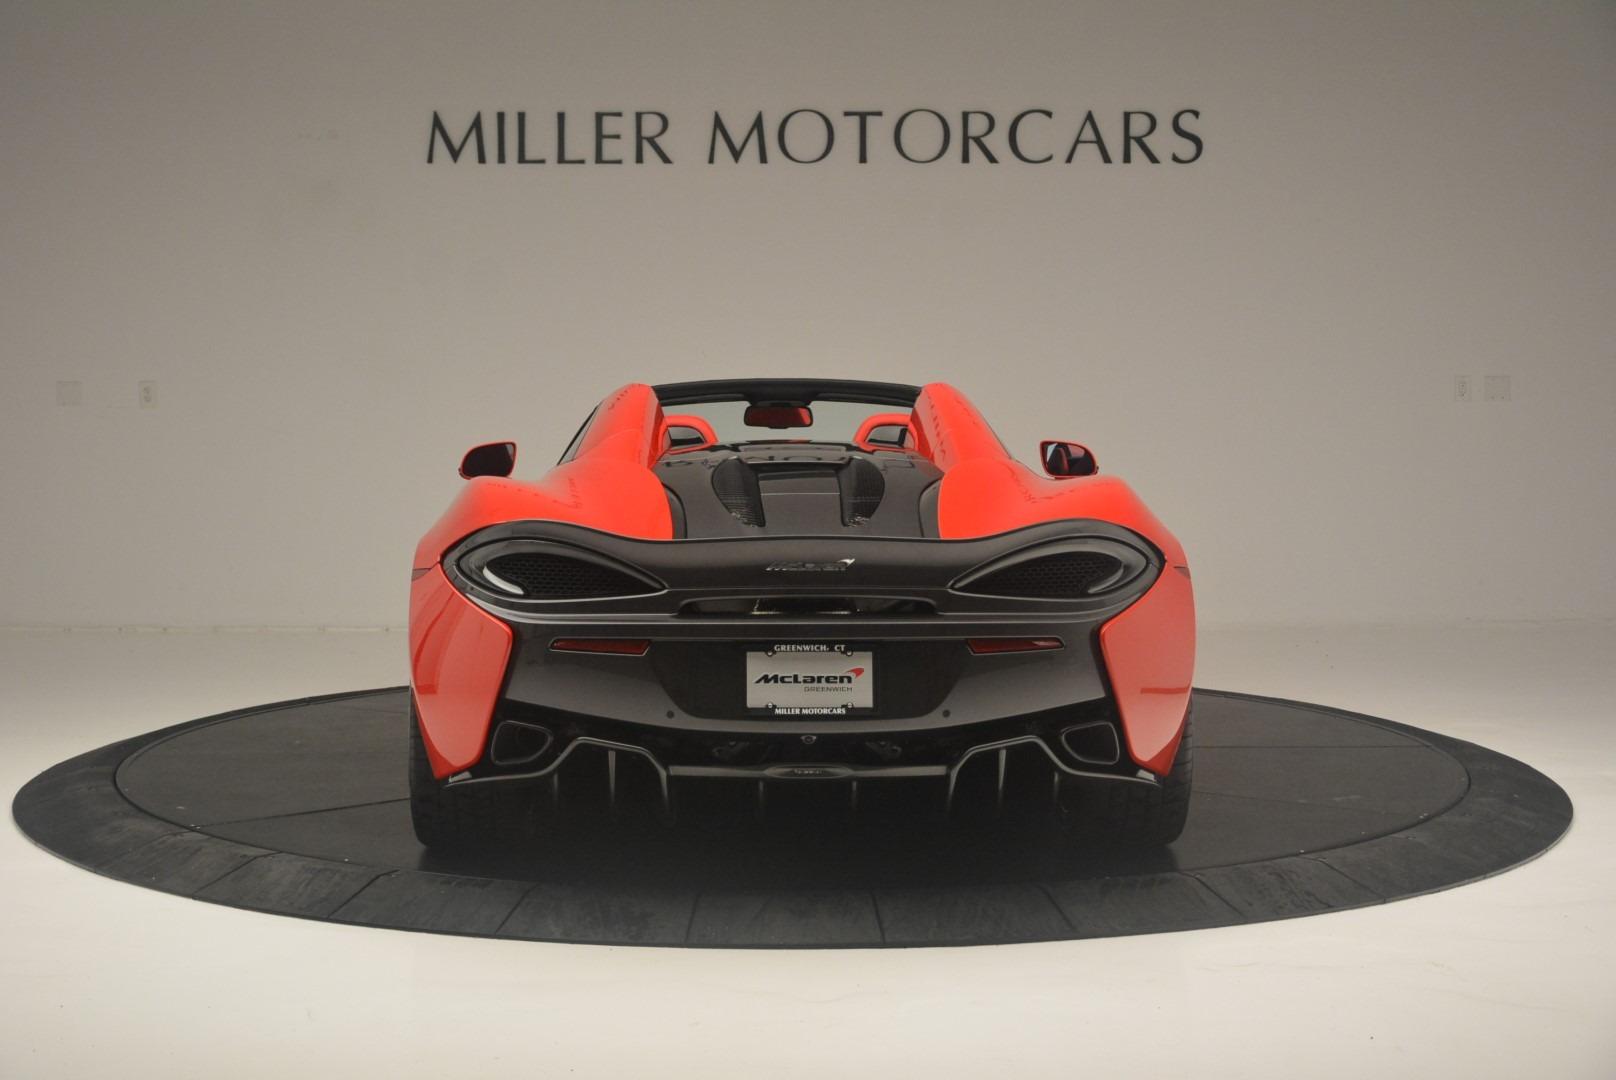 New 2019 McLaren 570S Spider Convertible For Sale In Westport, CT 2564_p6